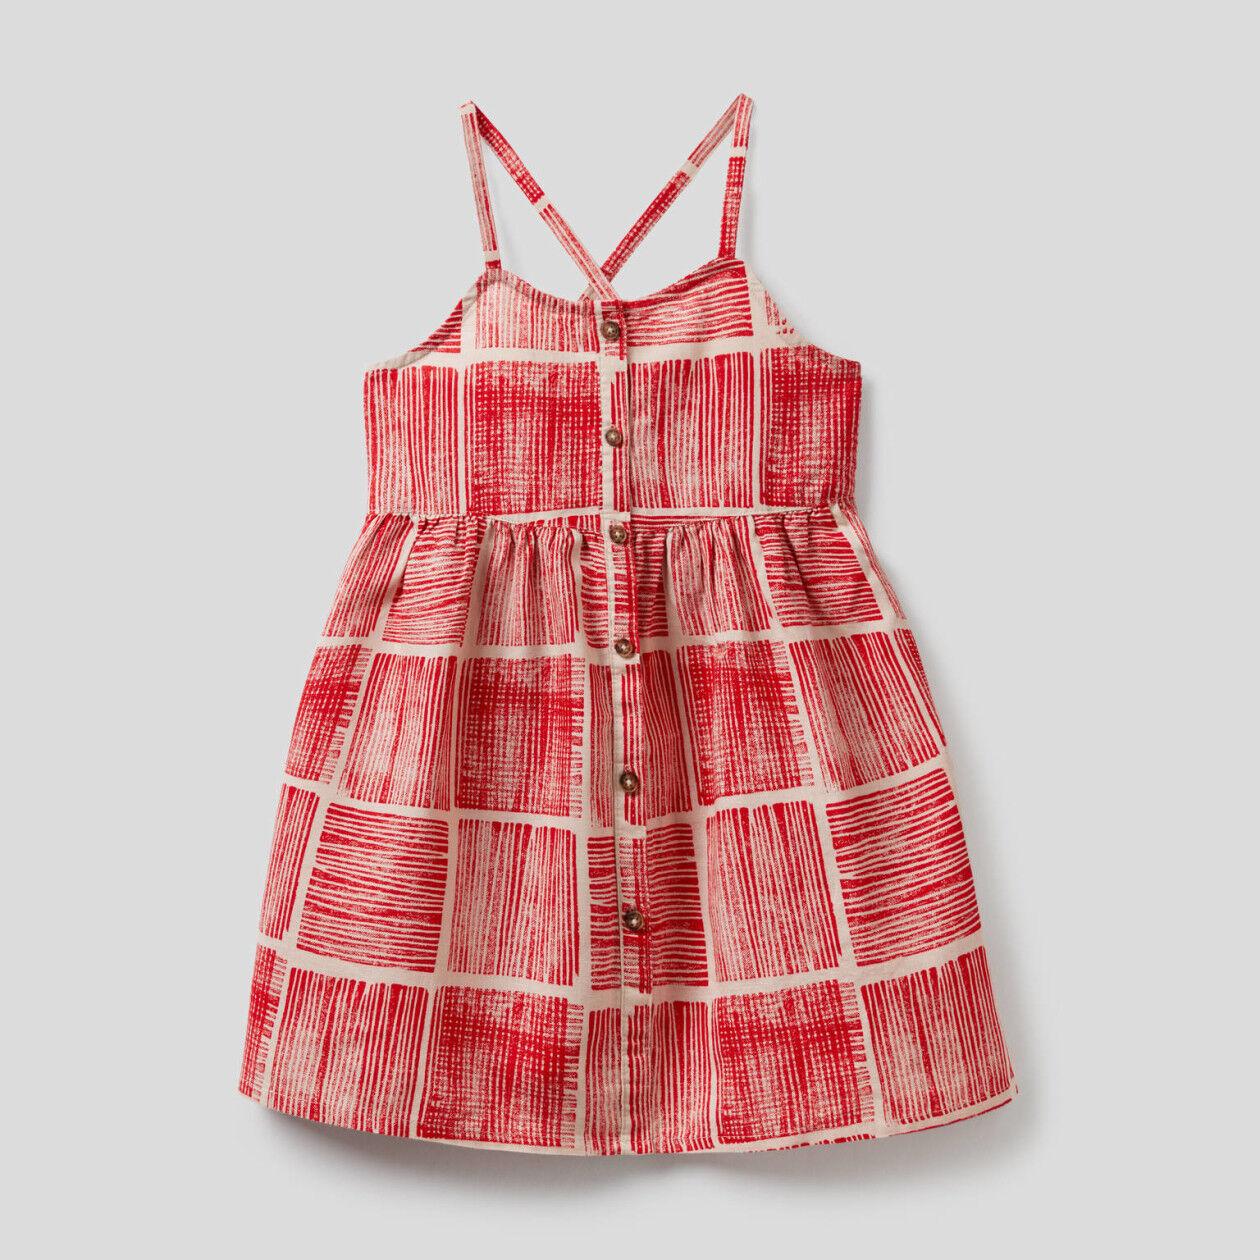 Φόρεμα με τύπωμα από βαμβακερό ανάμεικτο λινό